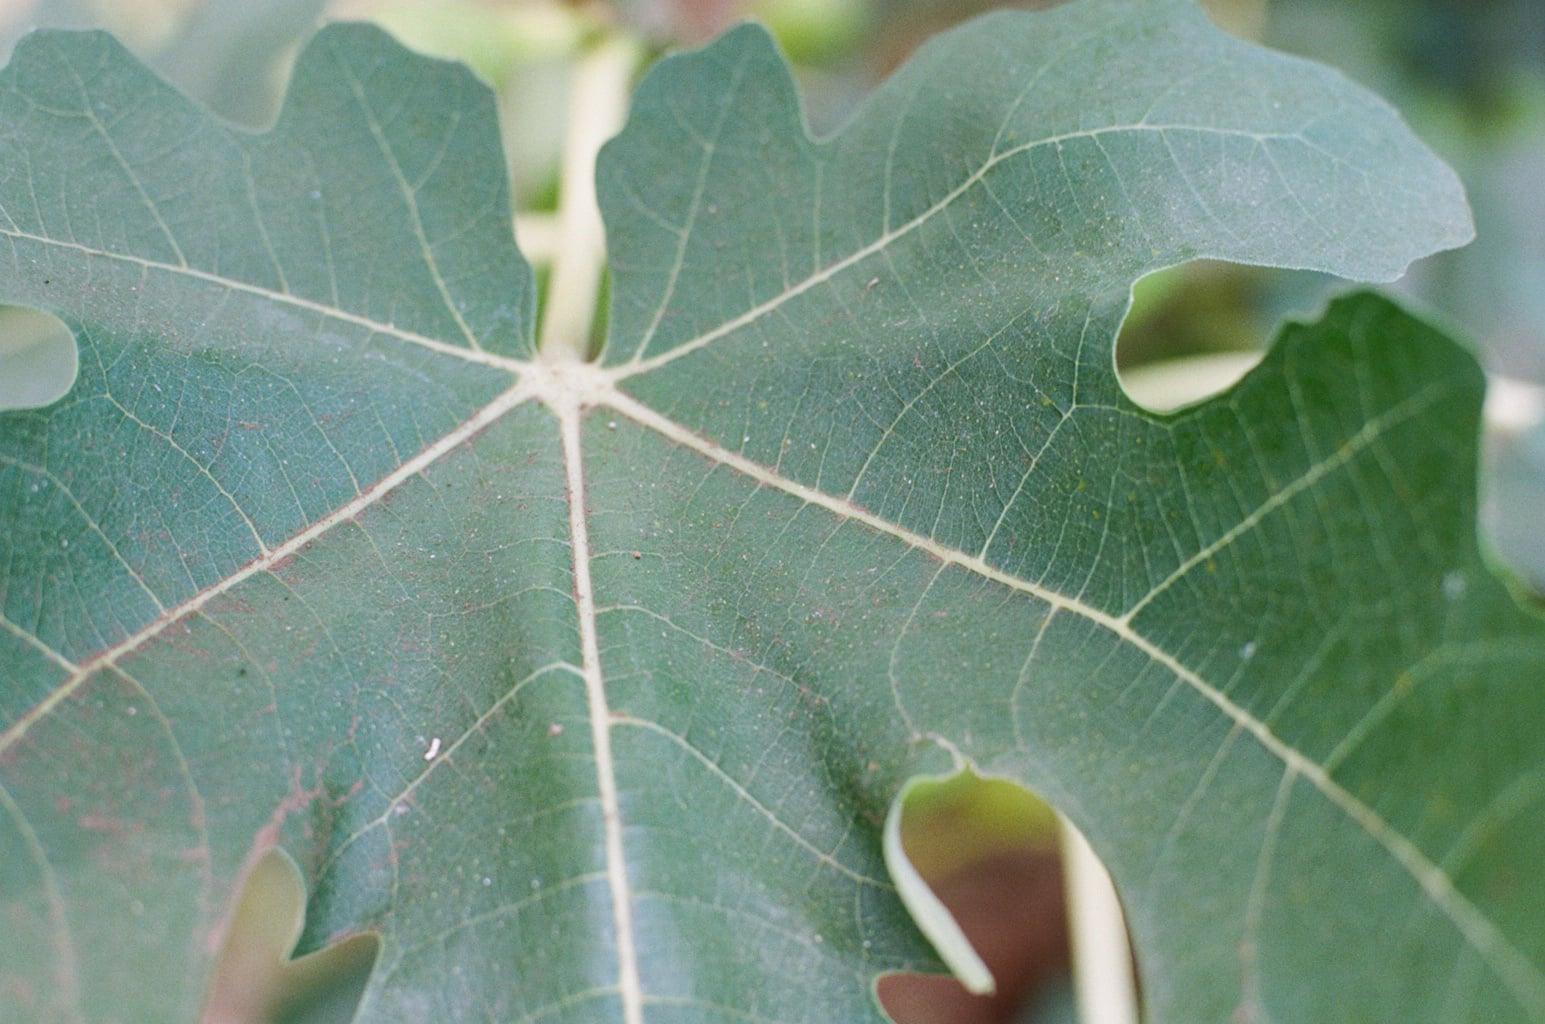 白露の季節、無花果(いちじく)の大きな葉にも露を結ぶ